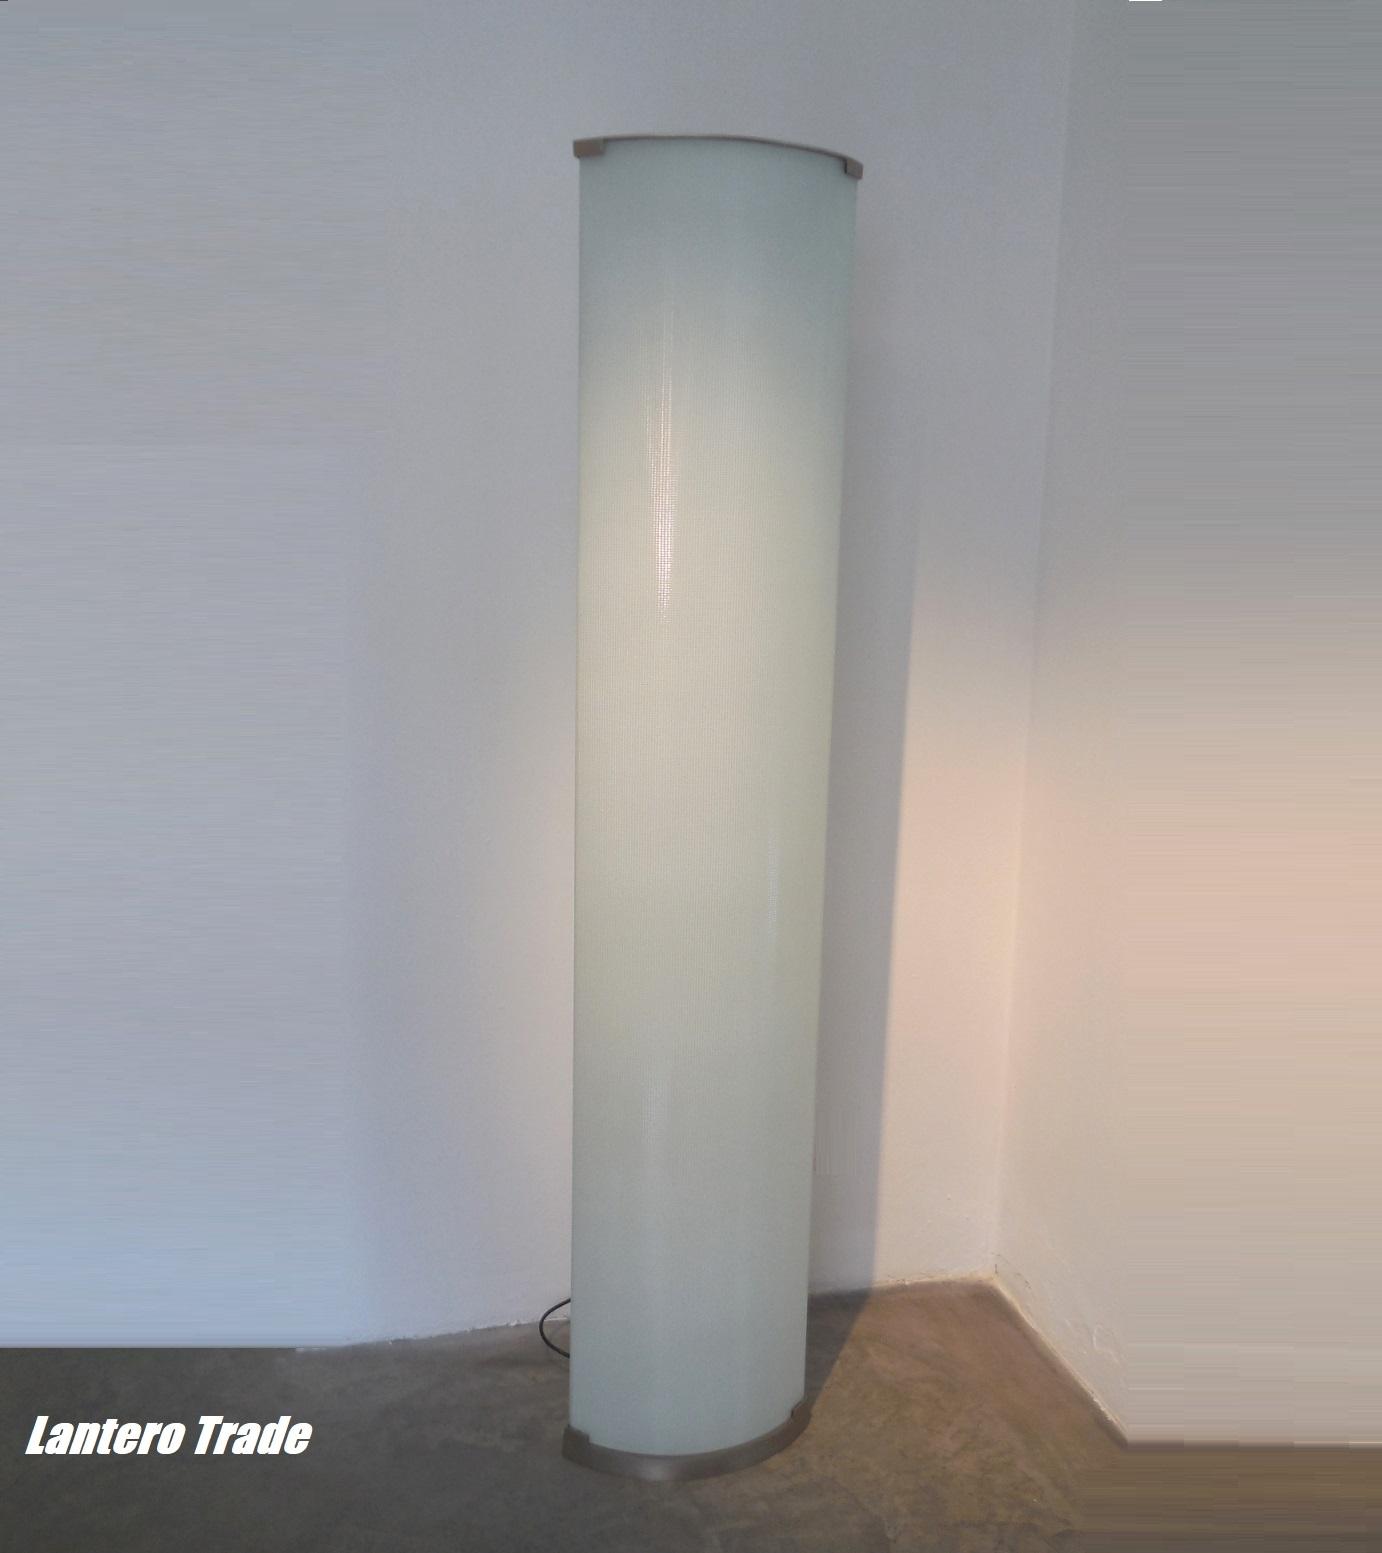 fontana arte lampadari : Vendita Lampade E Illuminazione Arredamento E Mobili Per Interni ...